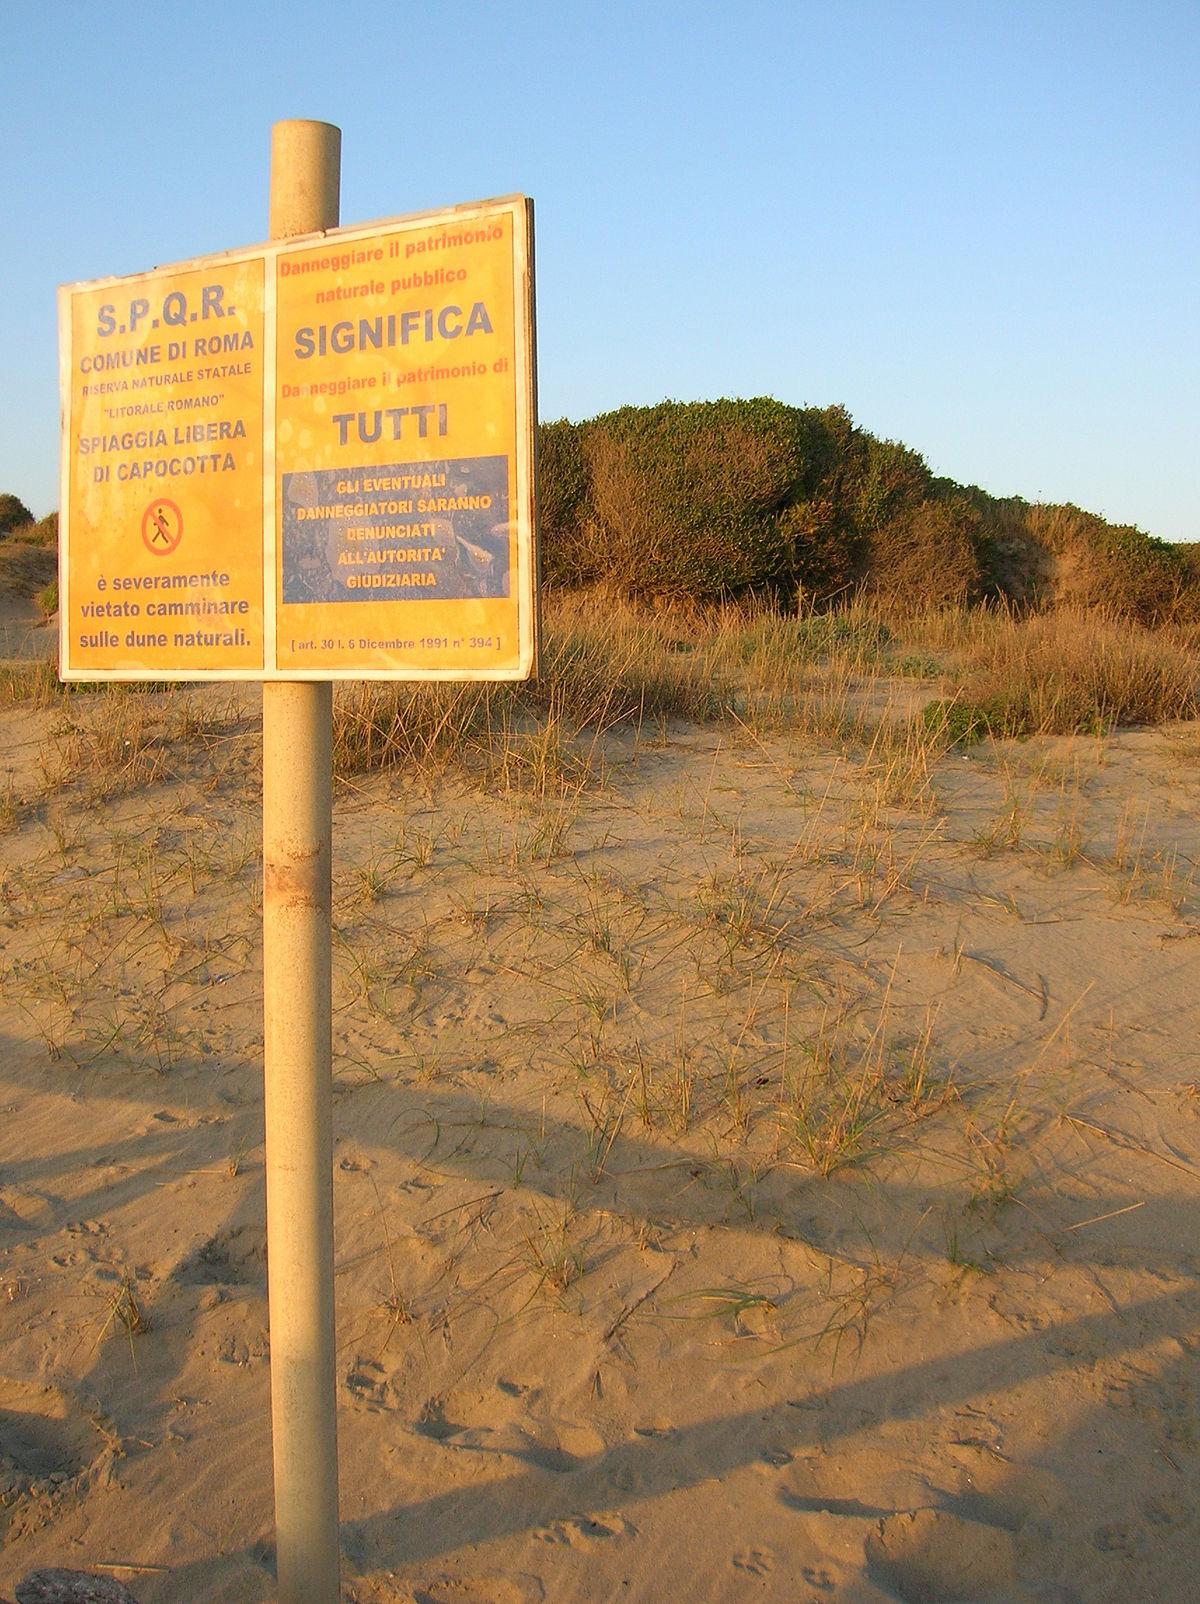 Matrimonio Litorale Romano : Riserva naturale statale litorale romano wikipedia